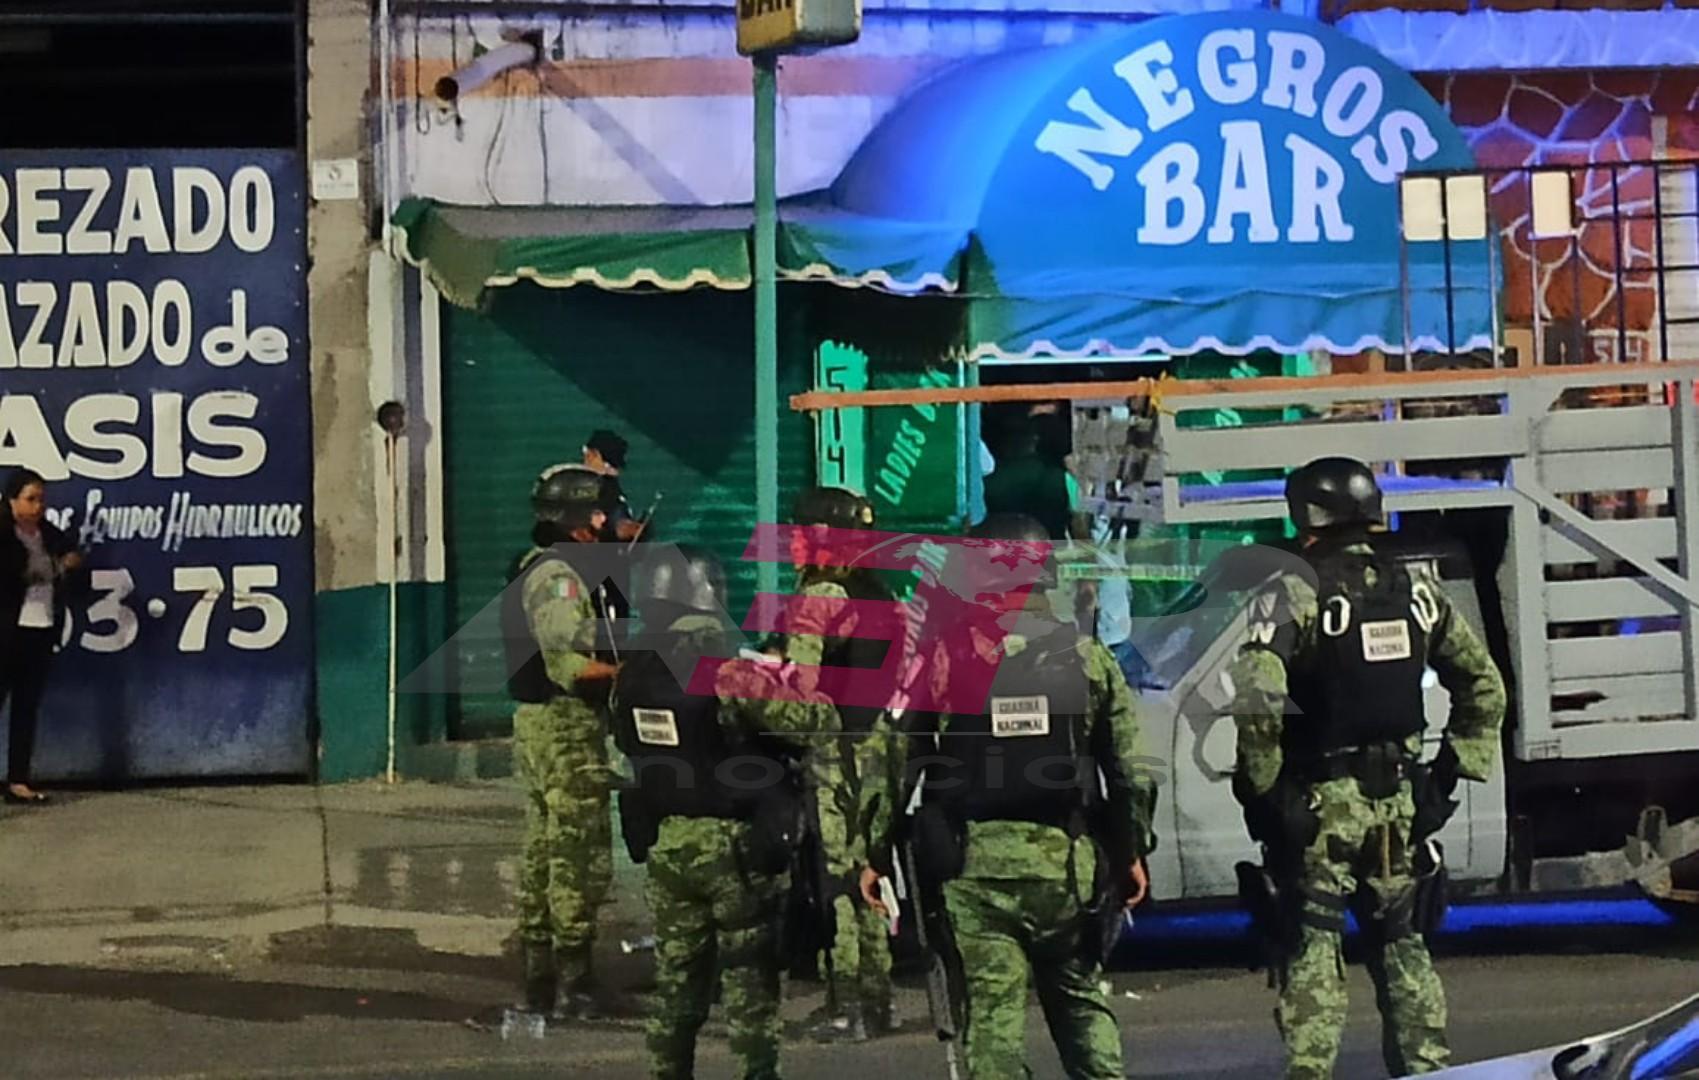 """Ataque a """"Negros Bar"""" en Celaya deja cinco muertos y cinco lesionados 4"""